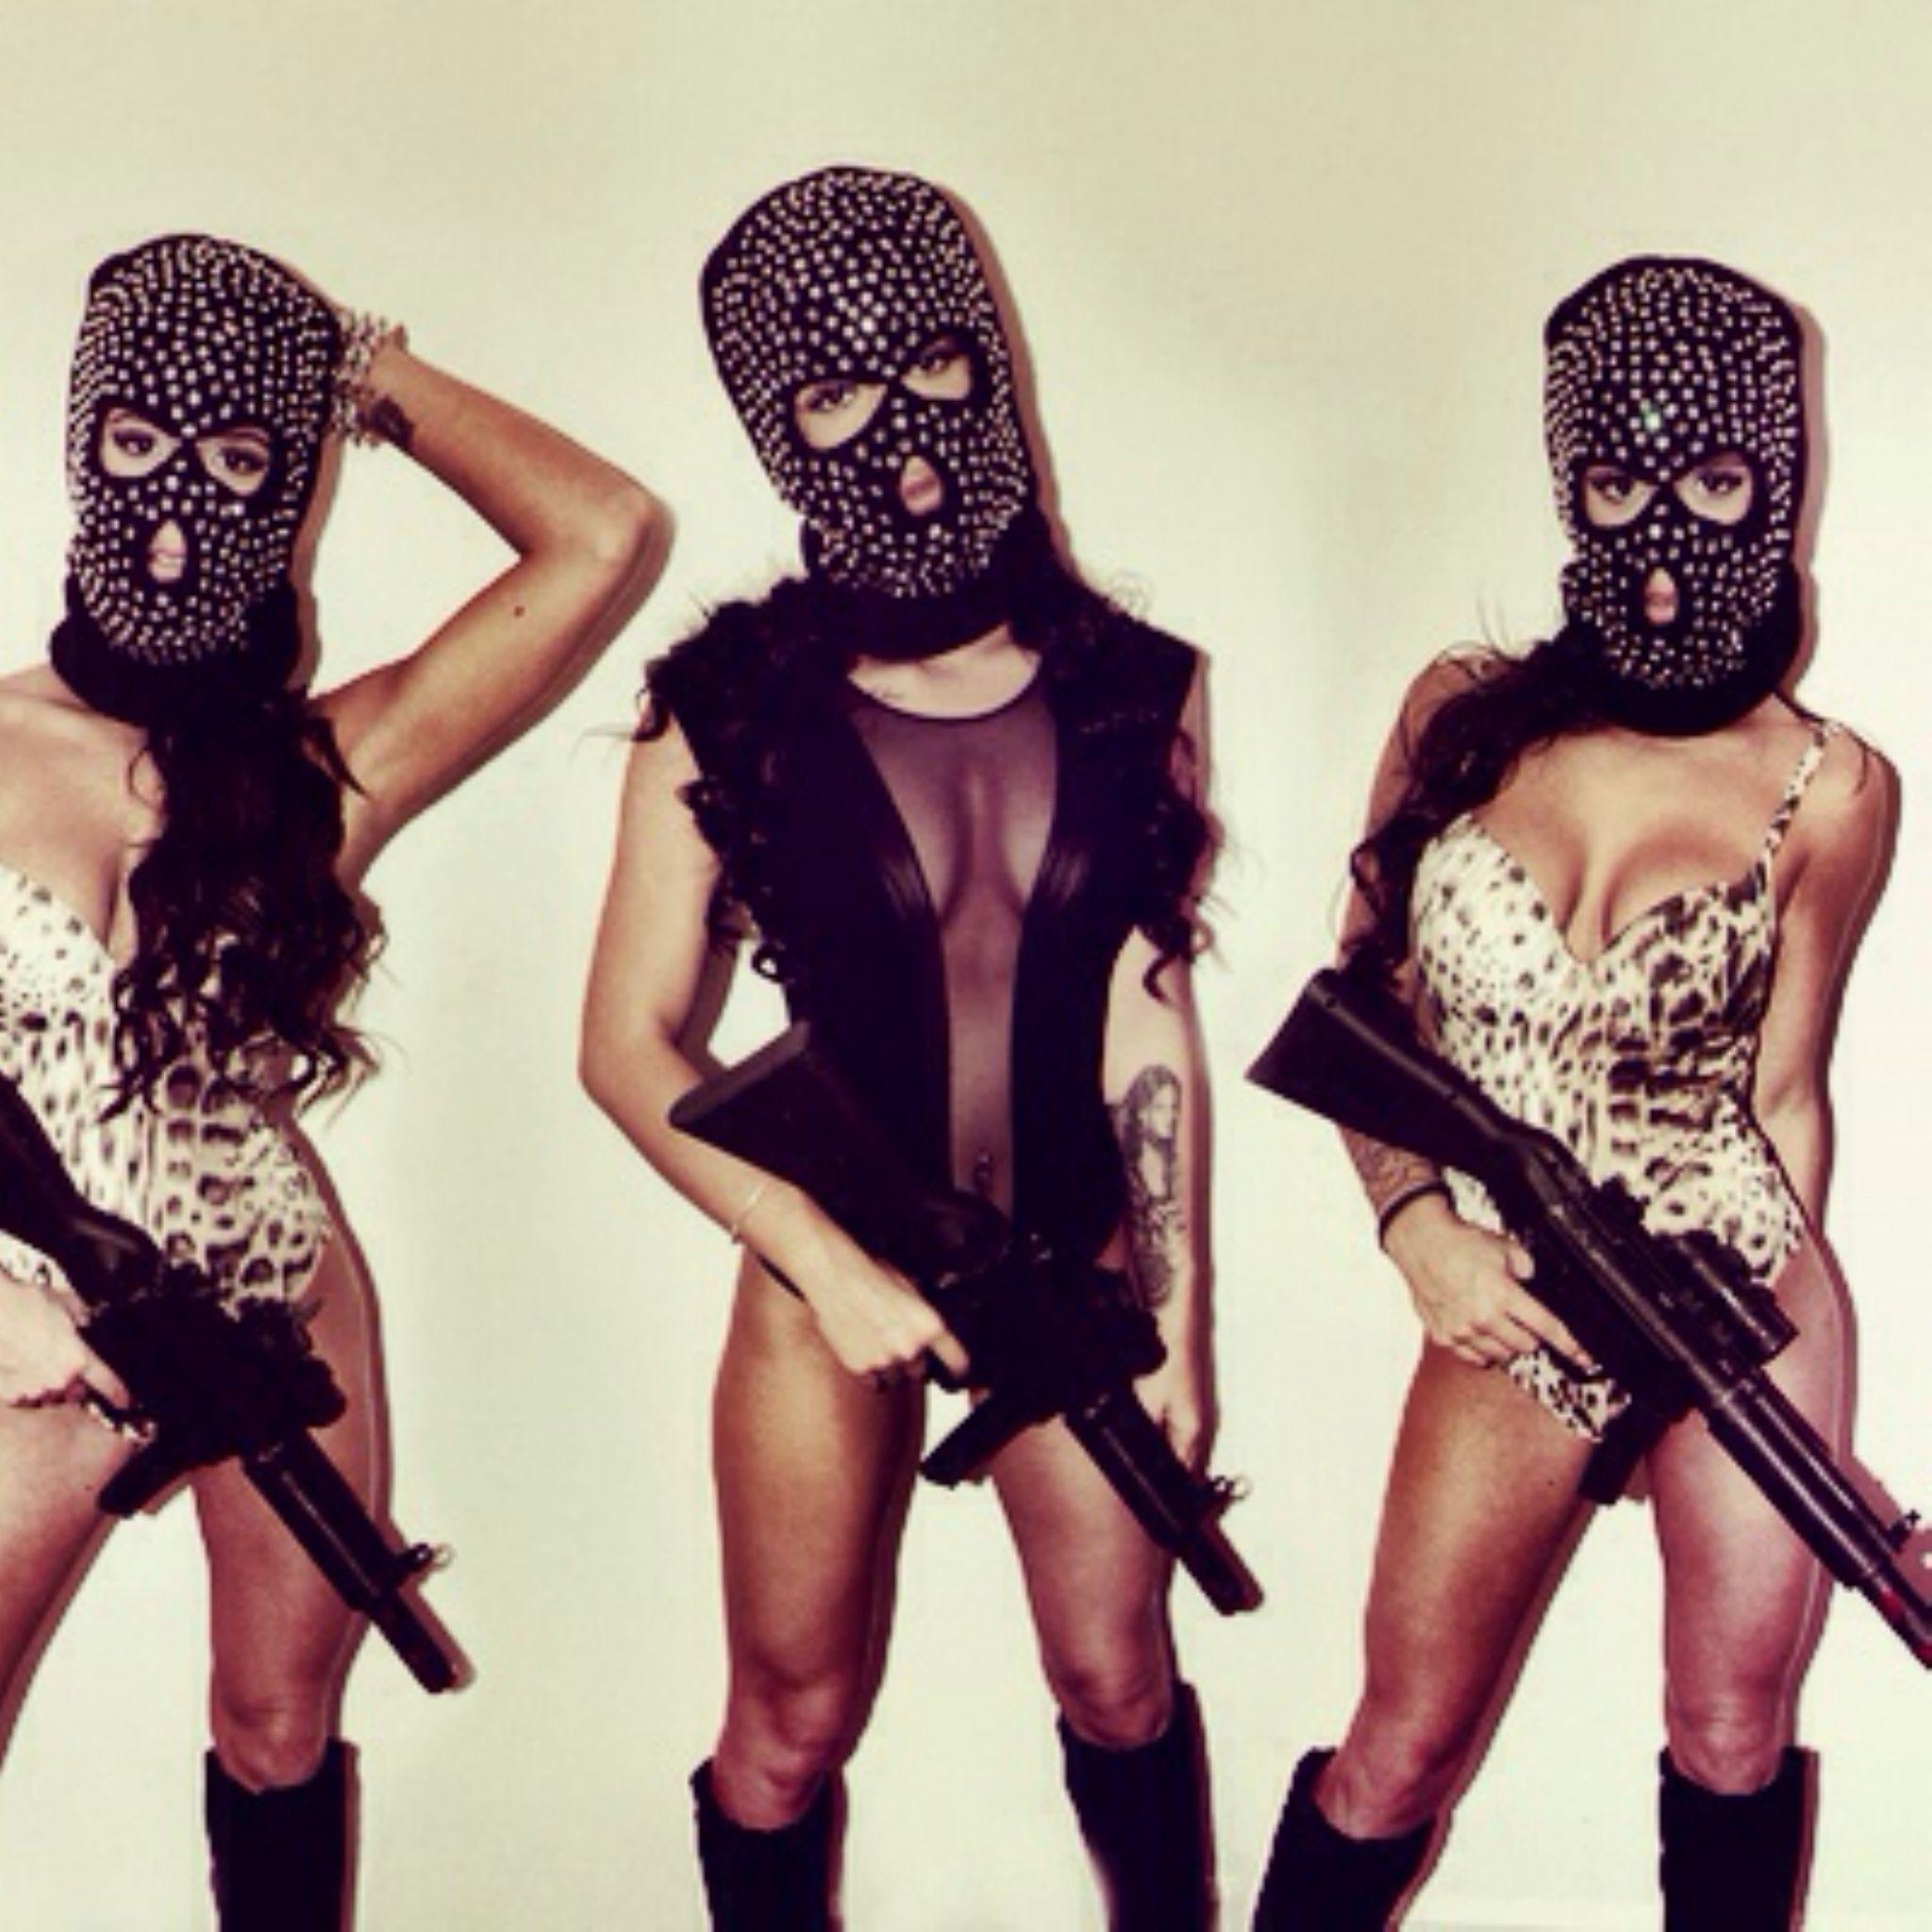 Bad Girls by Gethro Geneus